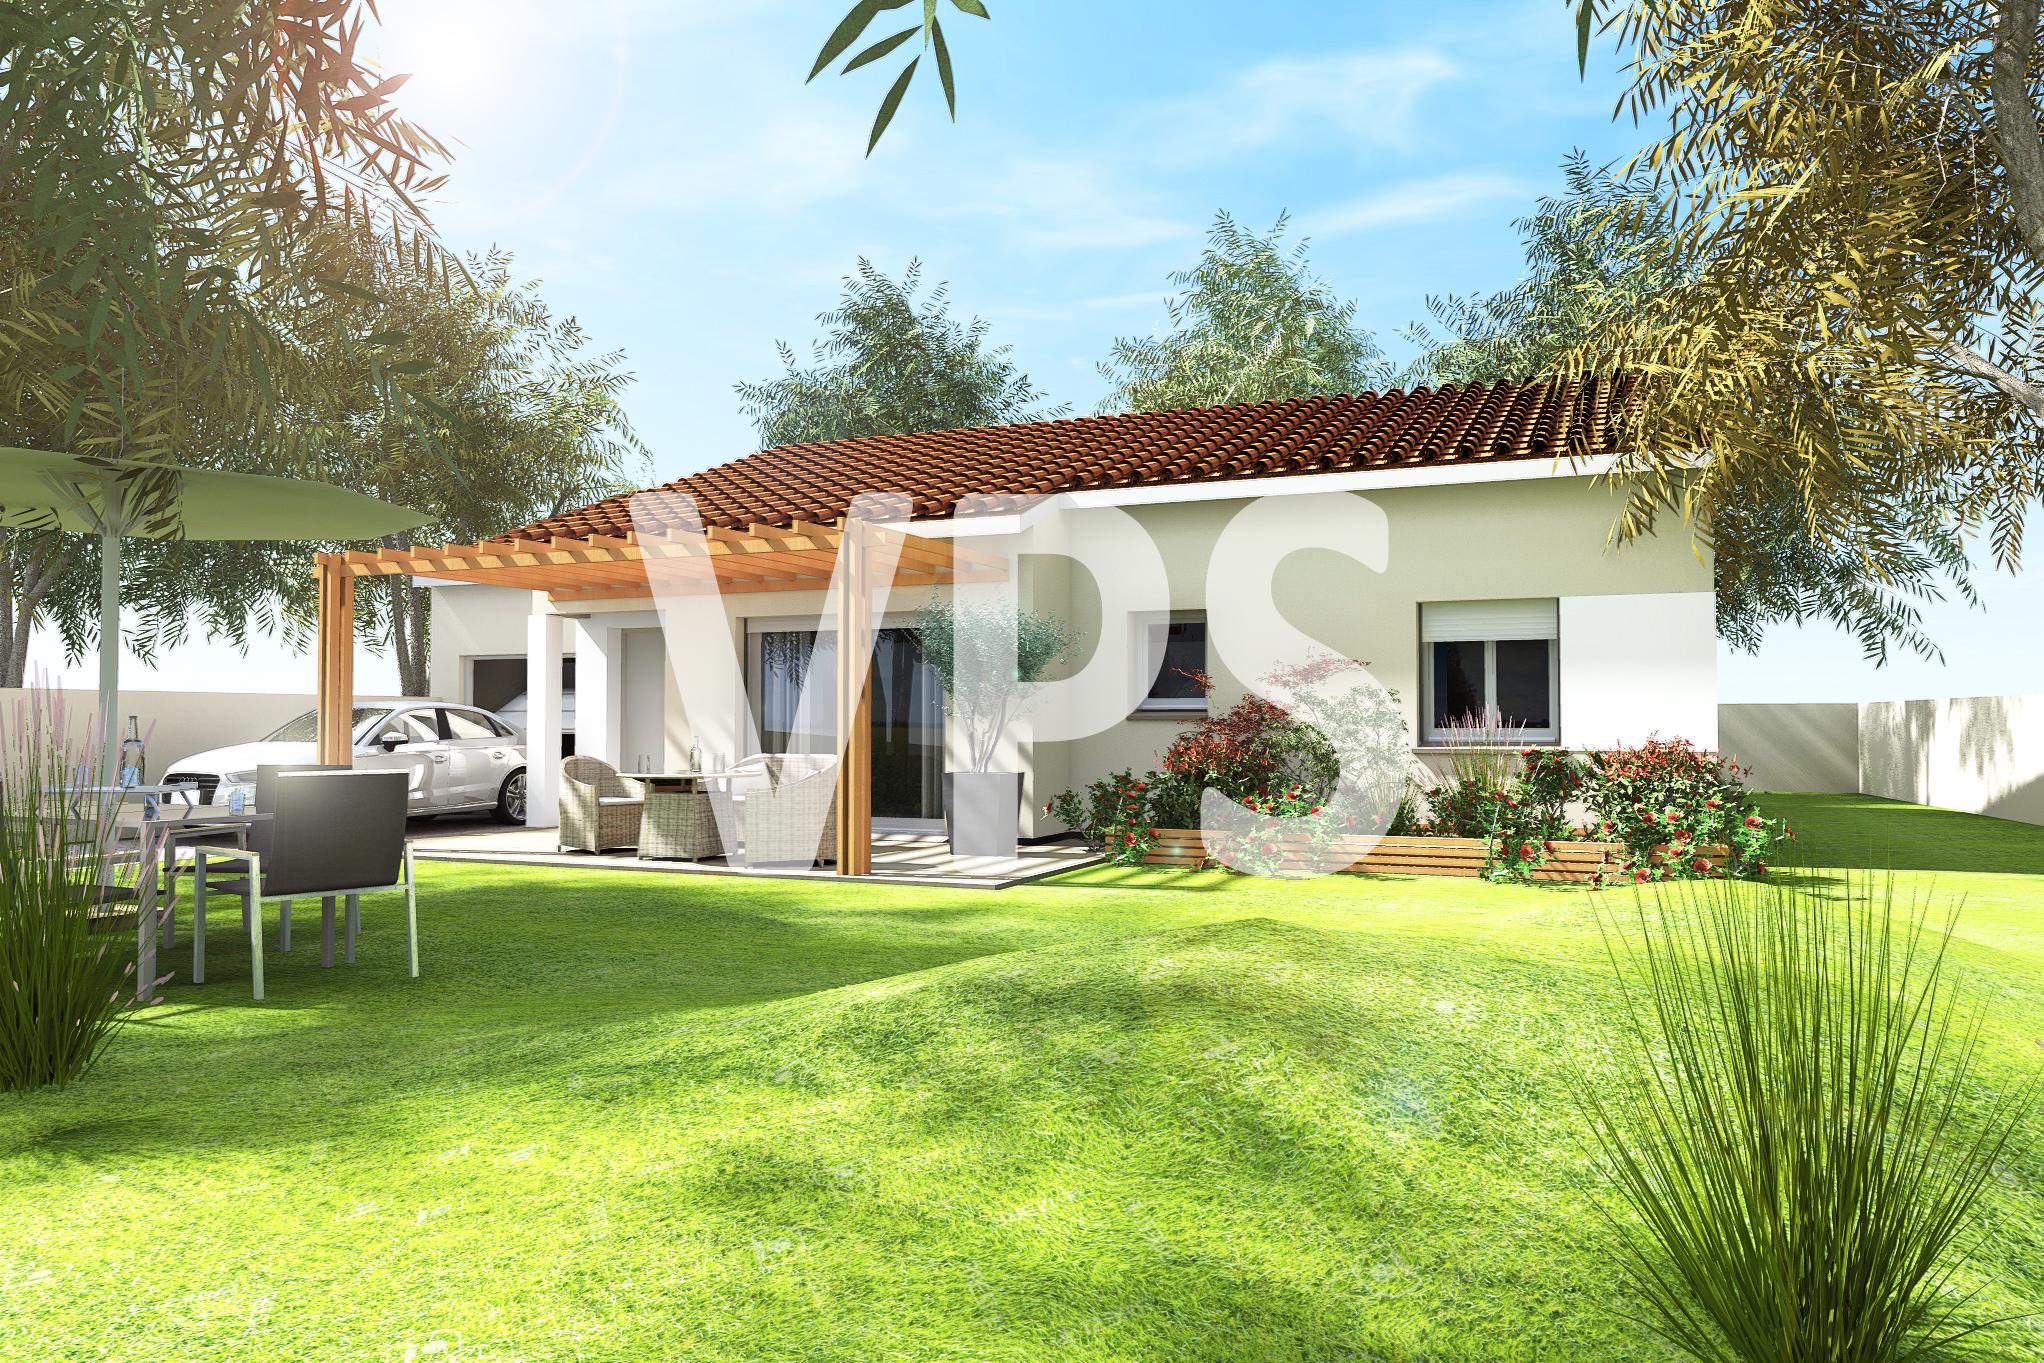 Maisons + Terrains du constructeur VILLAS PLEIN SUD -PRO RENOV26/07-D • 91 m² • SAINT LATTIER